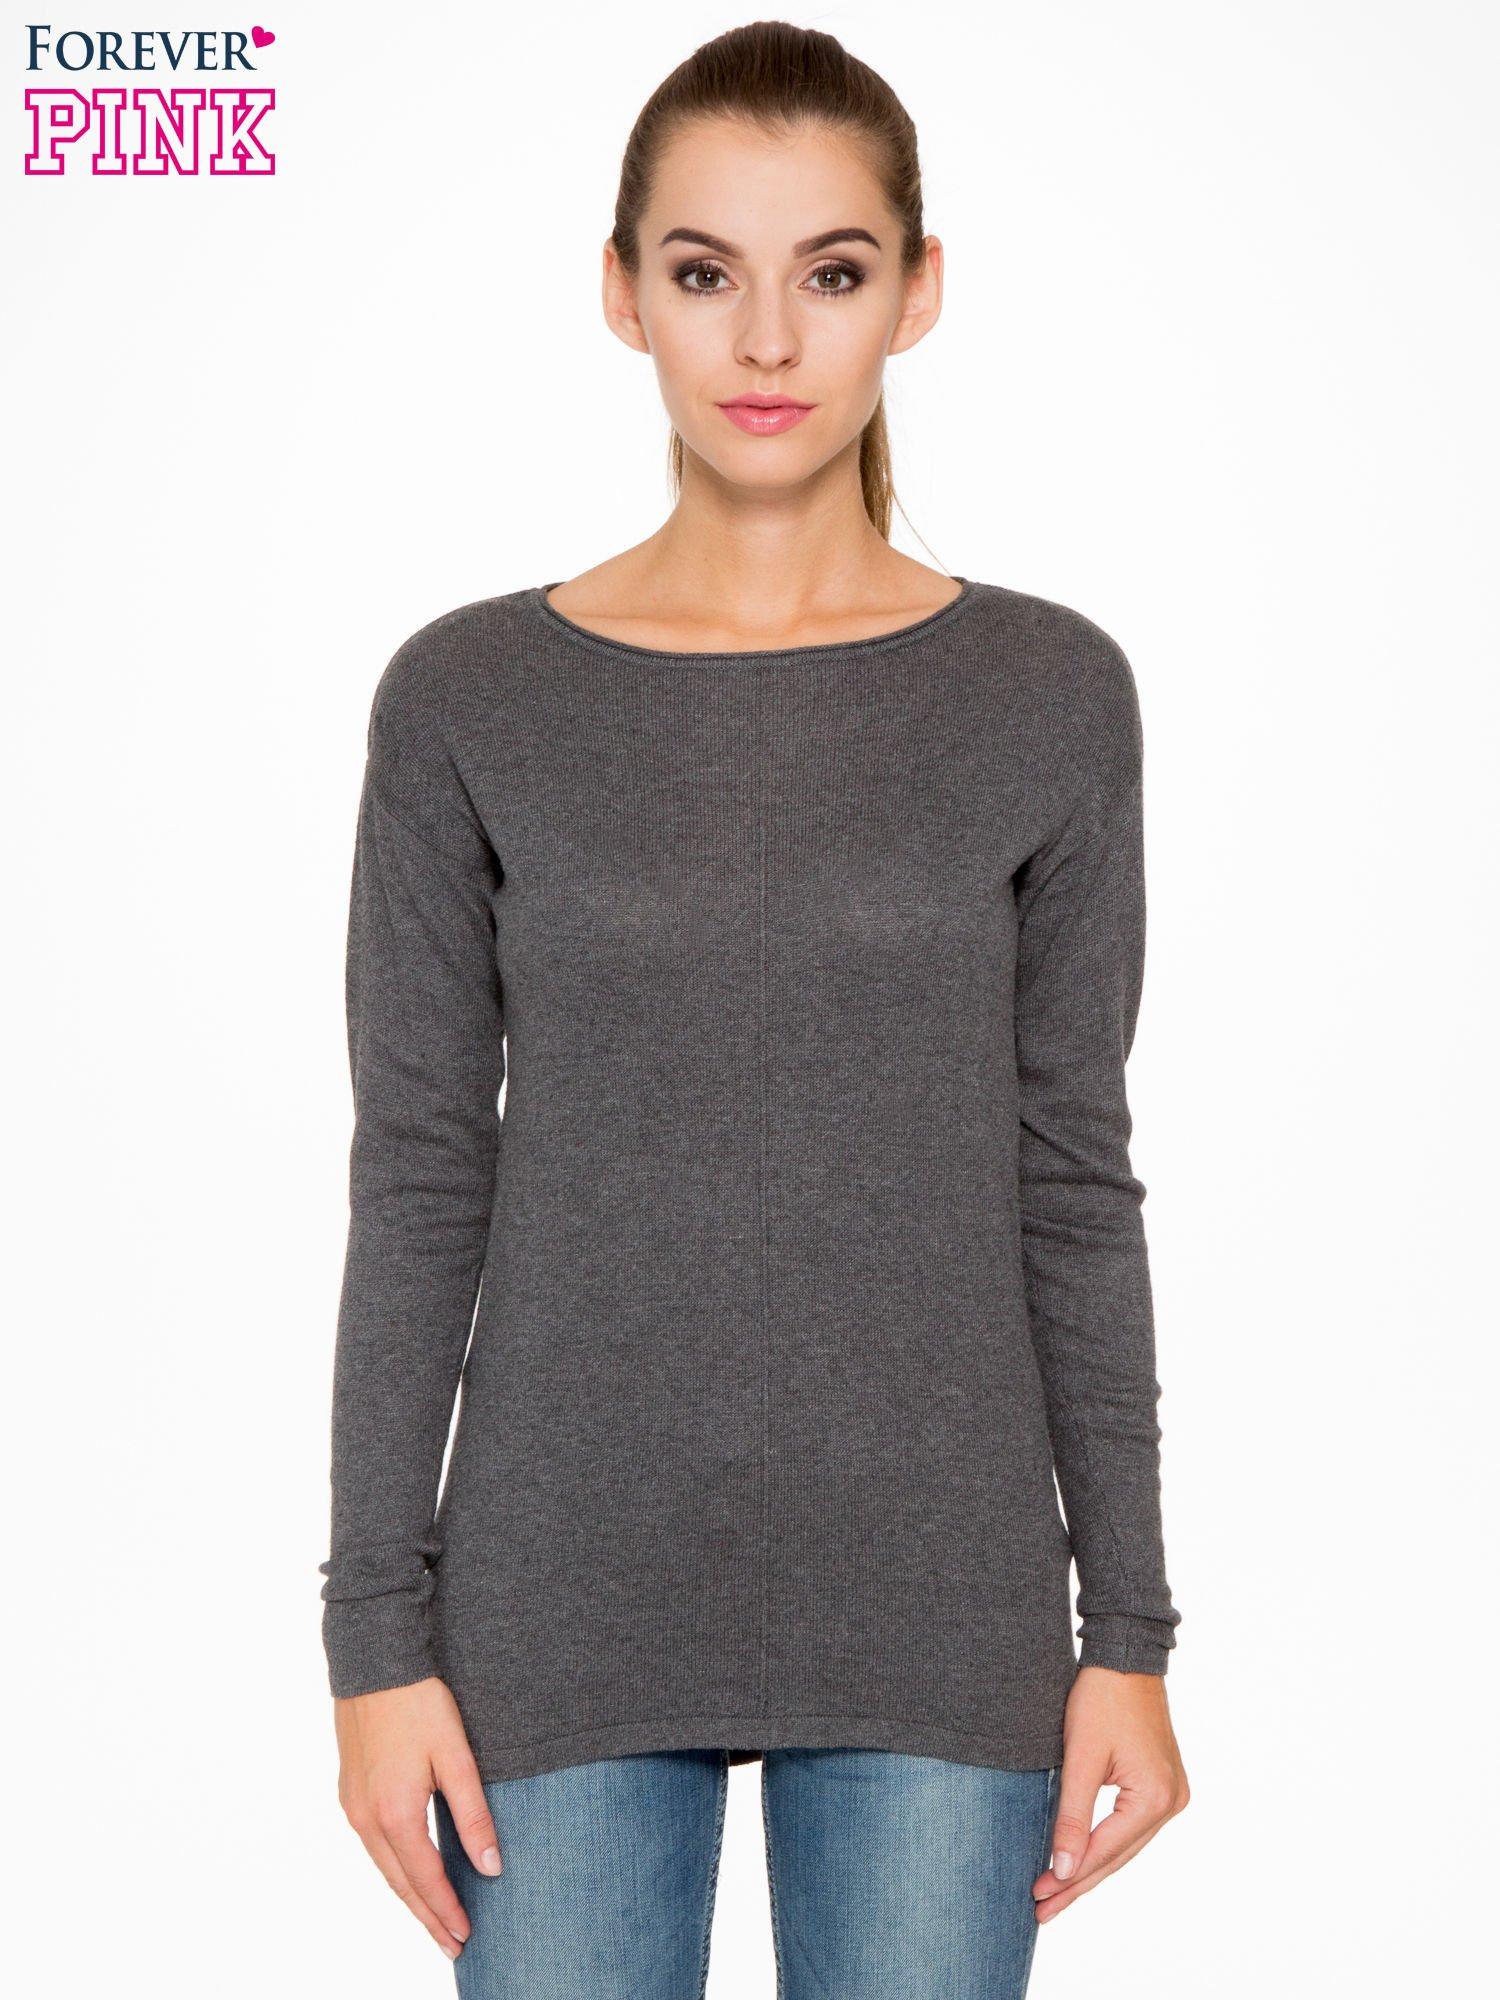 Ciemnoszary sweter z dłuższym tyłem i rozporkami po bokach                                  zdj.                                  1